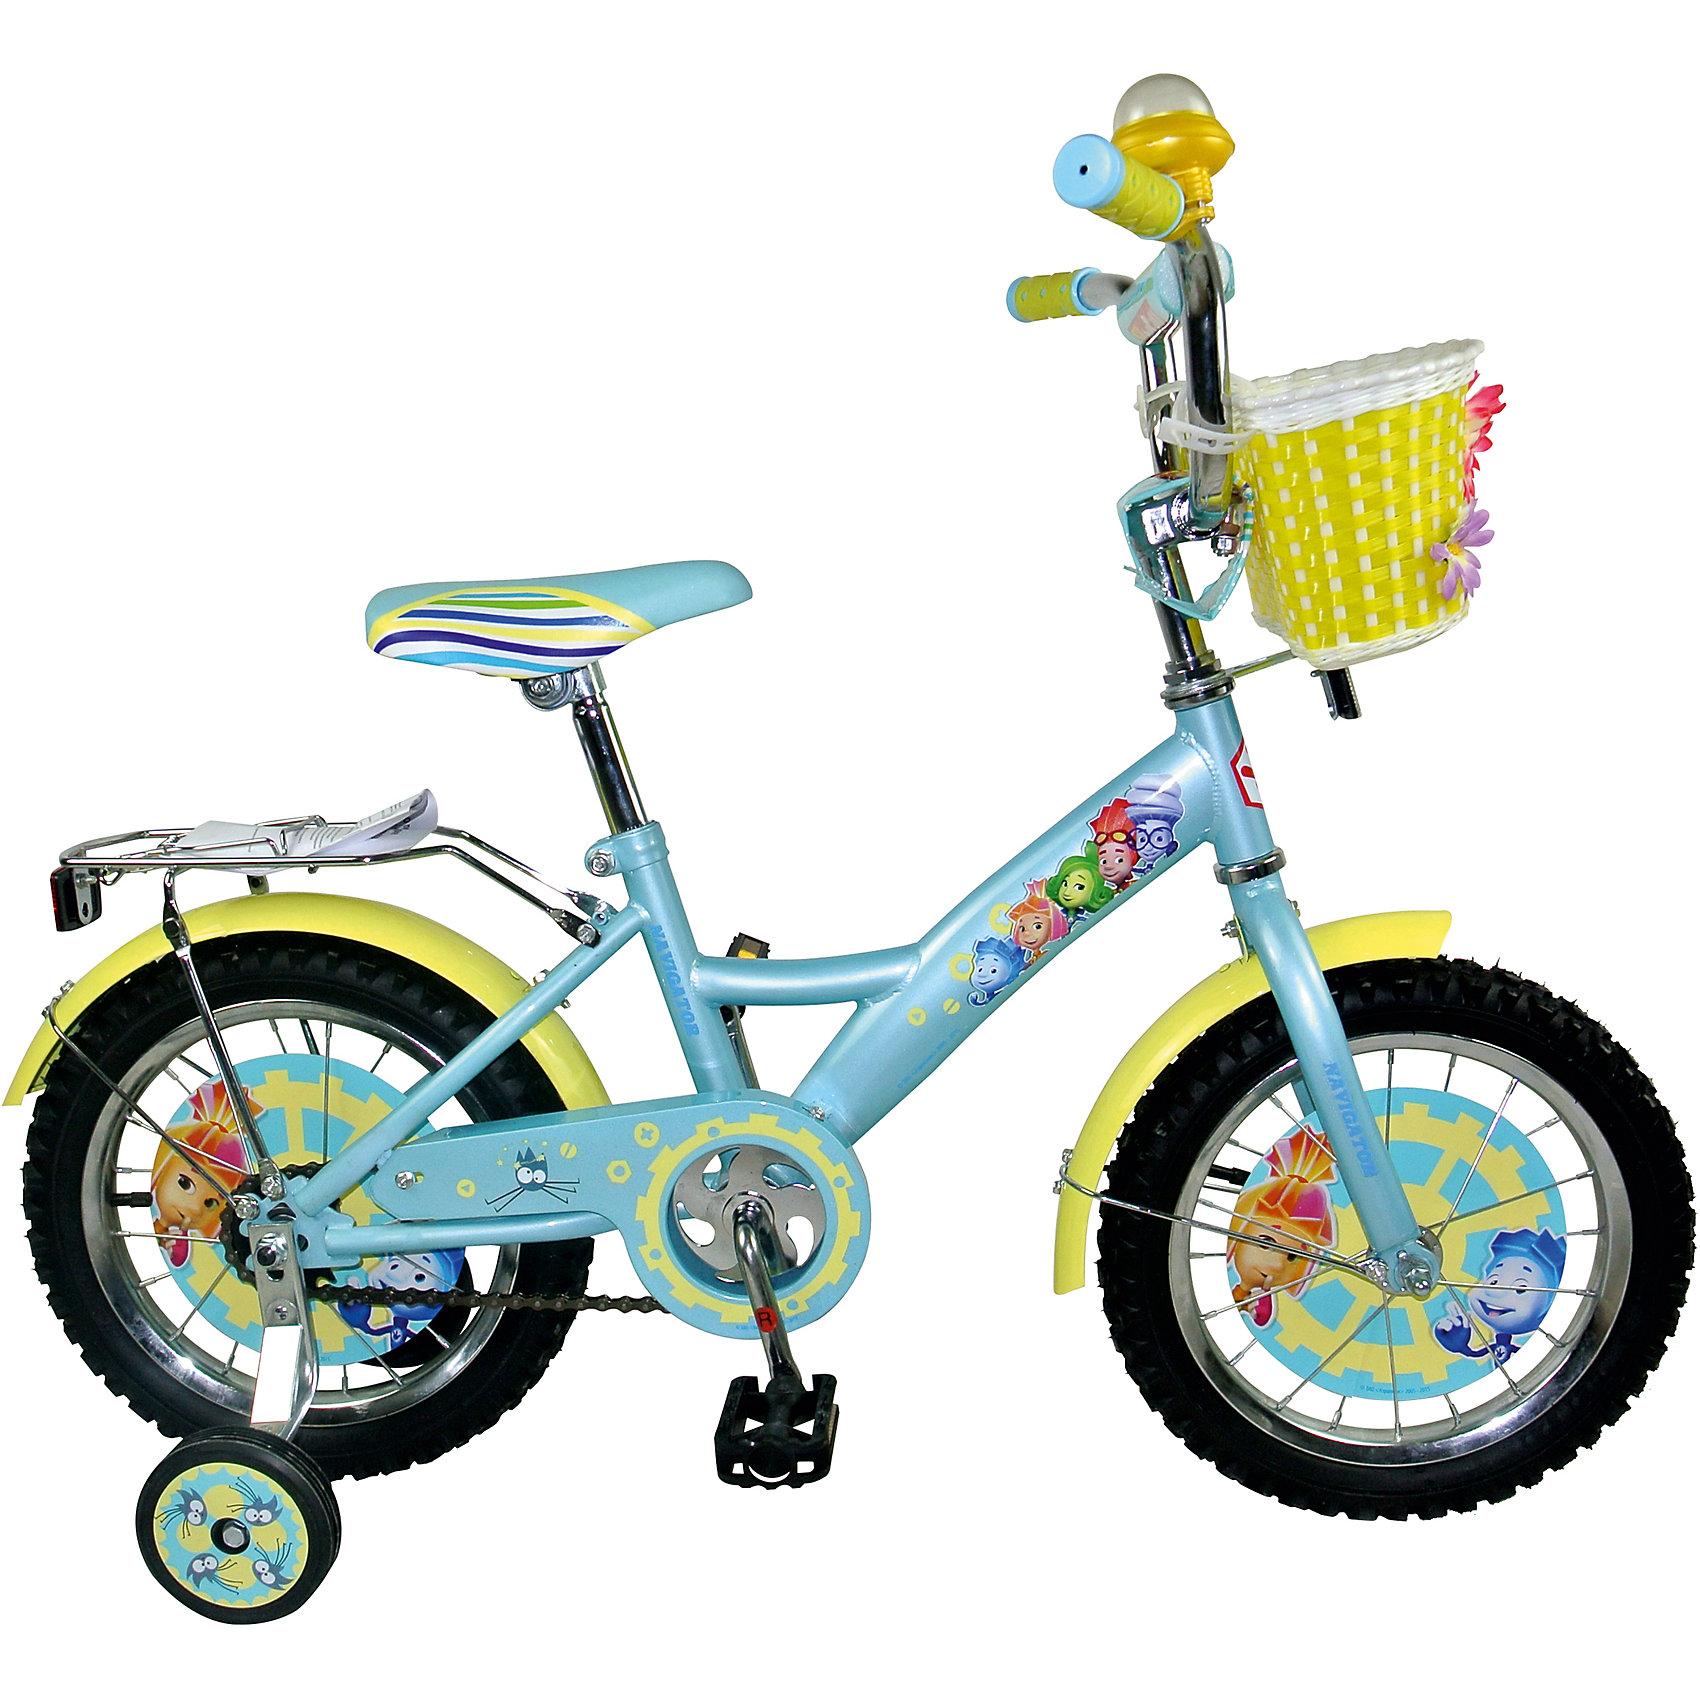 Велосипед Navigator, 16 дюймов, ФиксикиДетский двухколесный велосипед с ярким дизайном и популярной лицензией Фиксики. Колеса 16 дюйм, широкие страховочные колёса со вставками, односоставной шатун, пластиковая корзина на руле, звонок, мягкая накладка на руле.<br><br>Ширина мм: 880<br>Глубина мм: 420<br>Высота мм: 170<br>Вес г: 10500<br>Возраст от месяцев: 60<br>Возраст до месяцев: 120<br>Пол: Унисекс<br>Возраст: Детский<br>SKU: 4786125